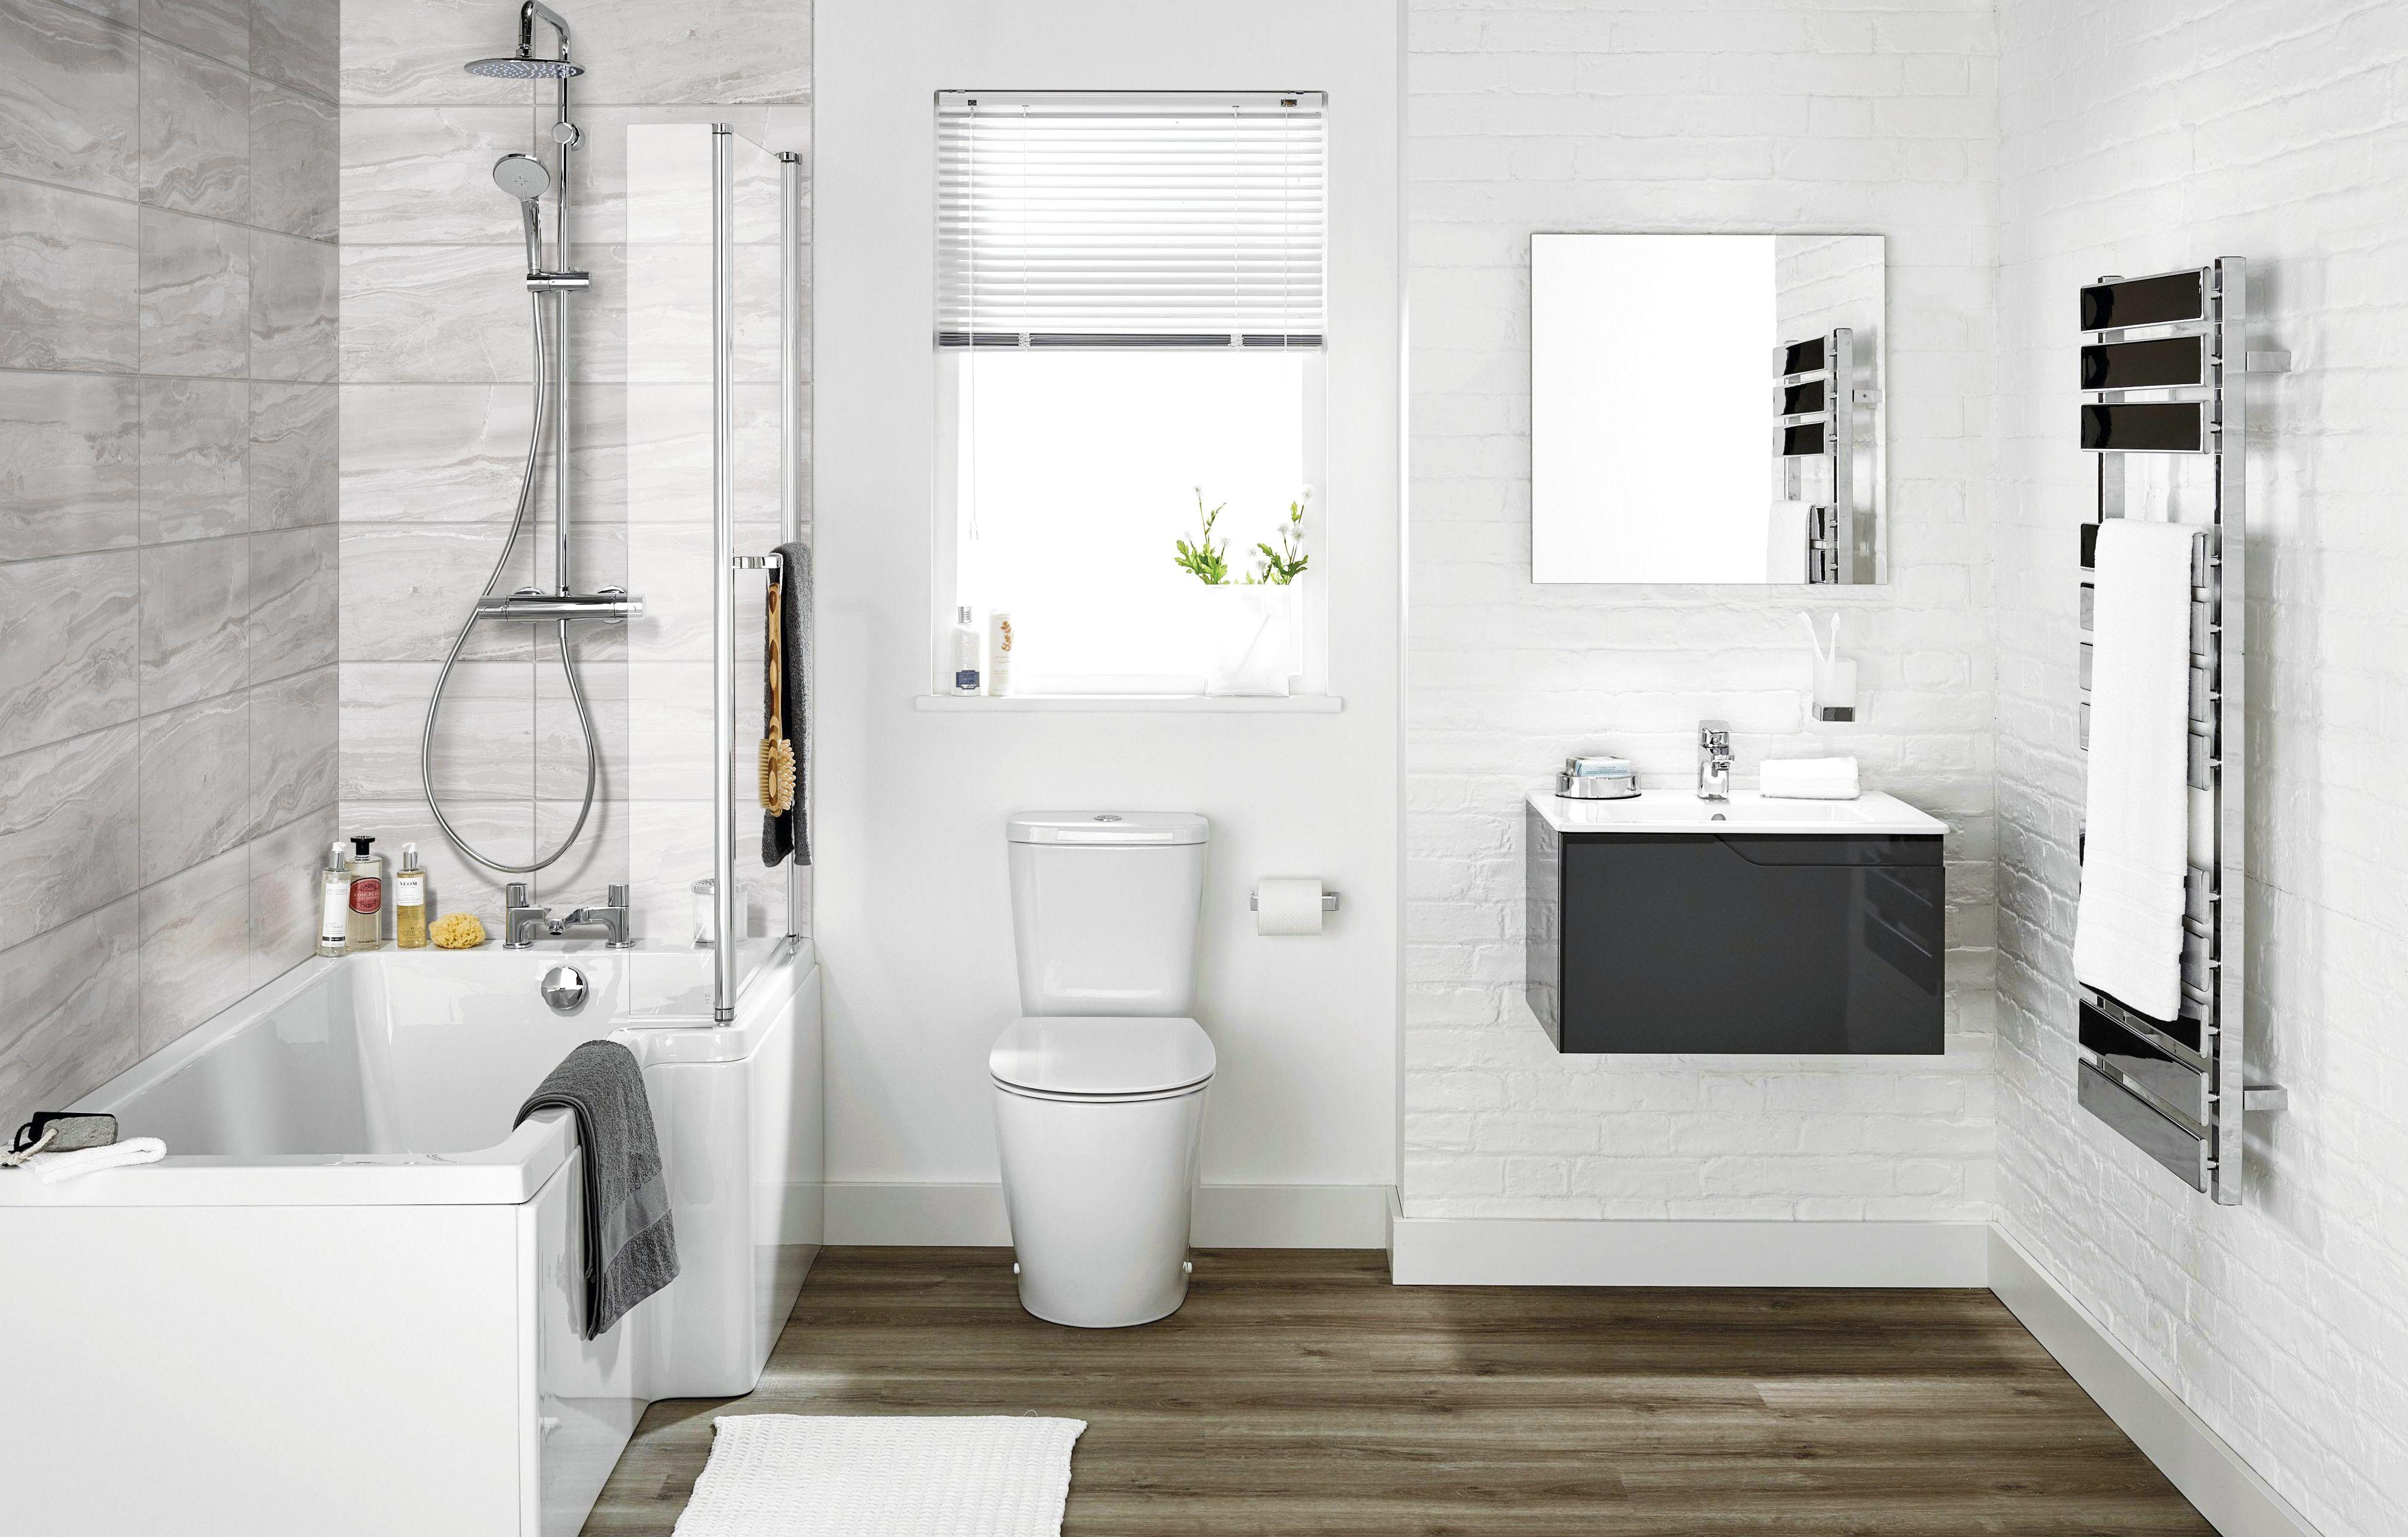 Запах в туалете: чем убрать запах кошачьего туалета, как избавиться от запаха сигарет в туалете, запах из канализации в ванной